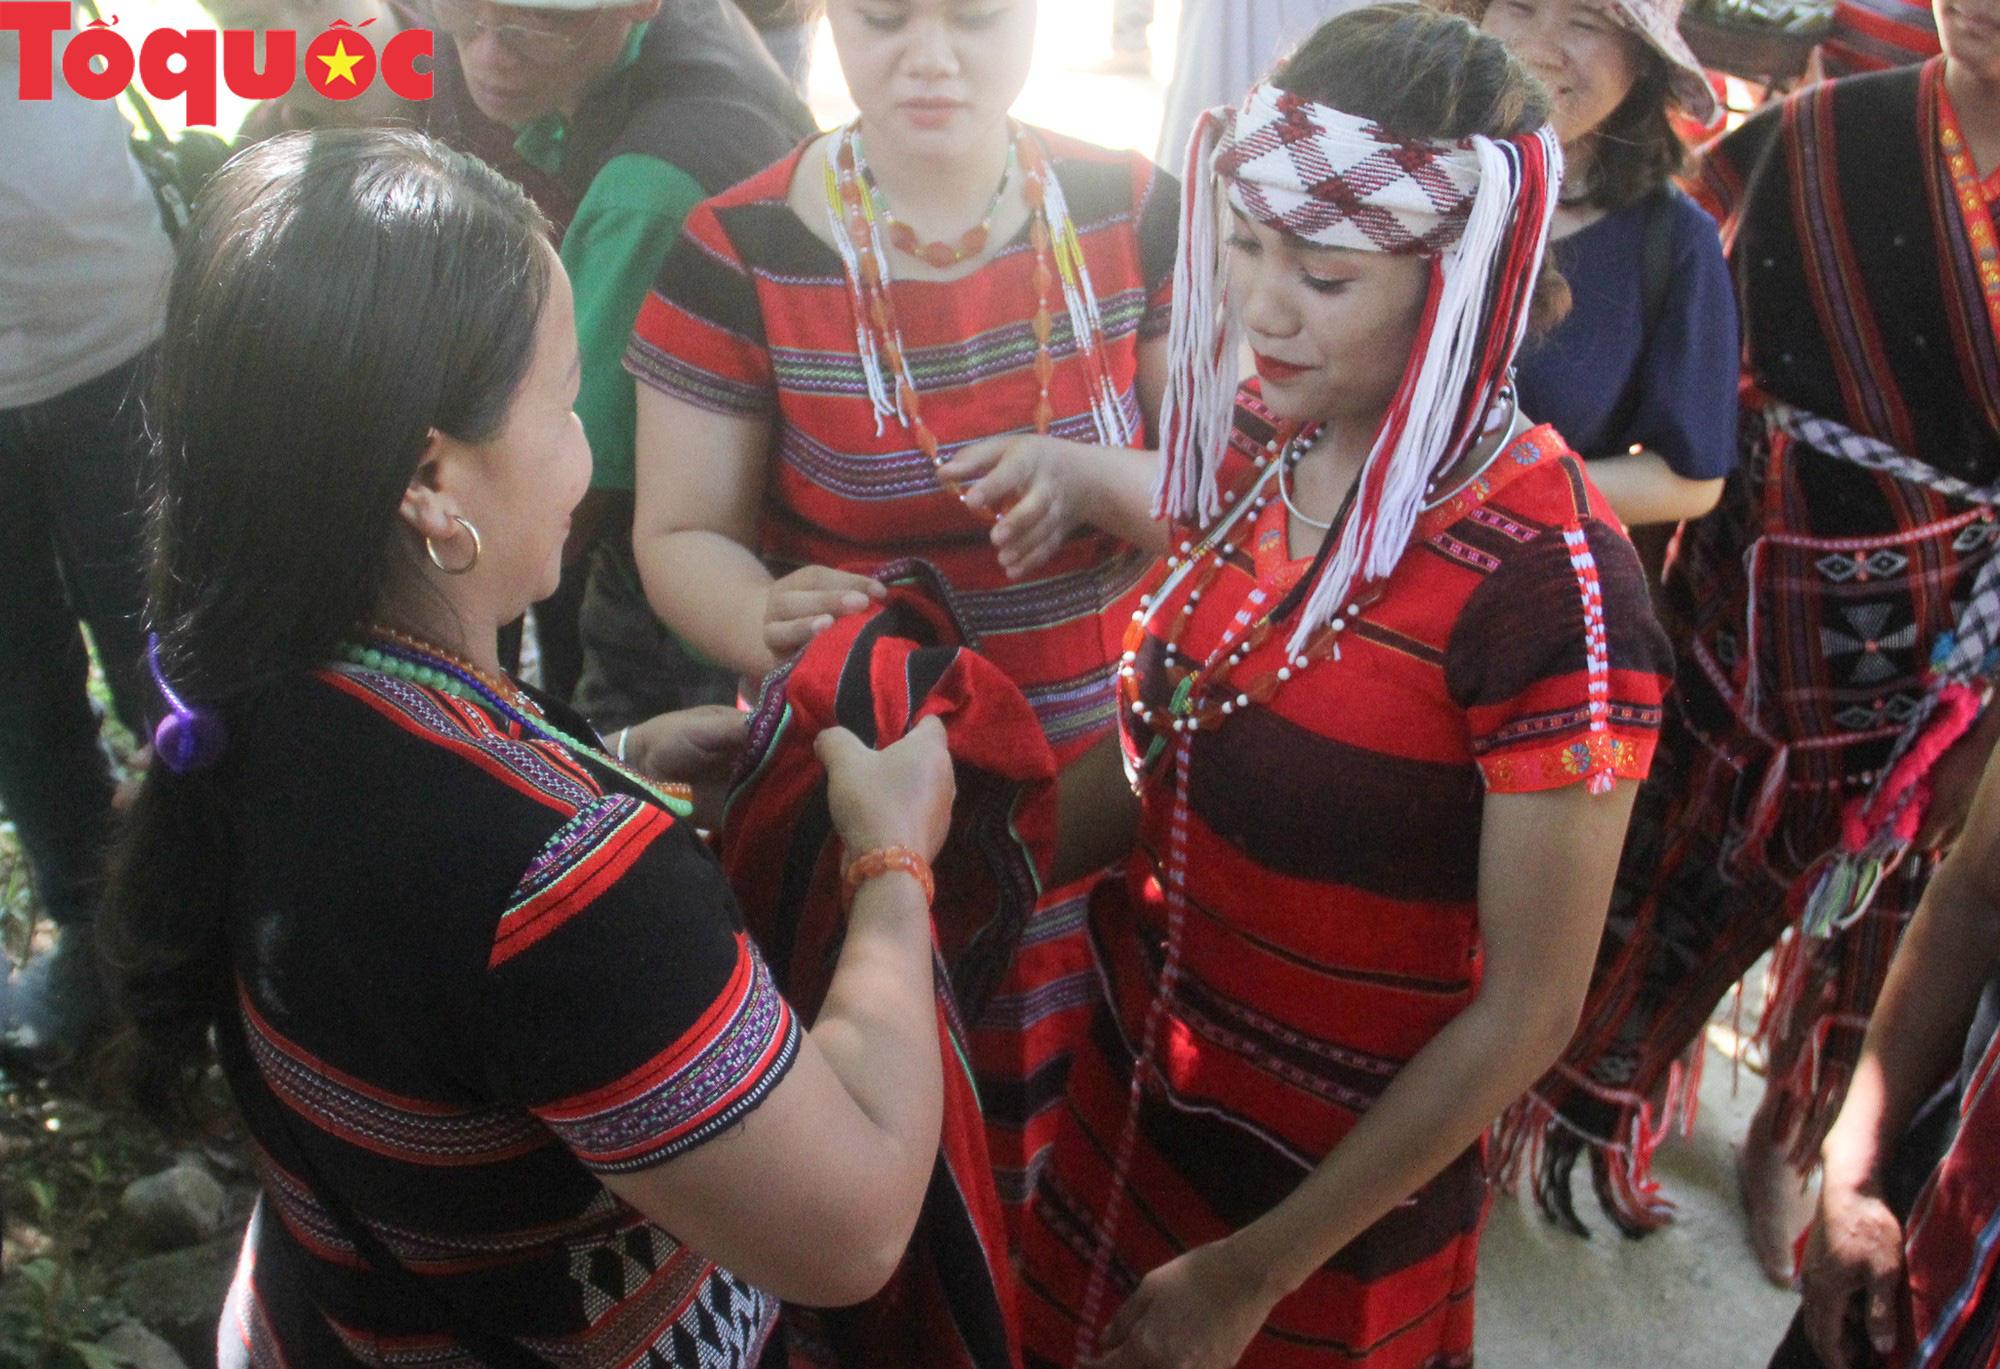 Độc đáo lễ cưới của người Pa Cô - Ảnh 8.